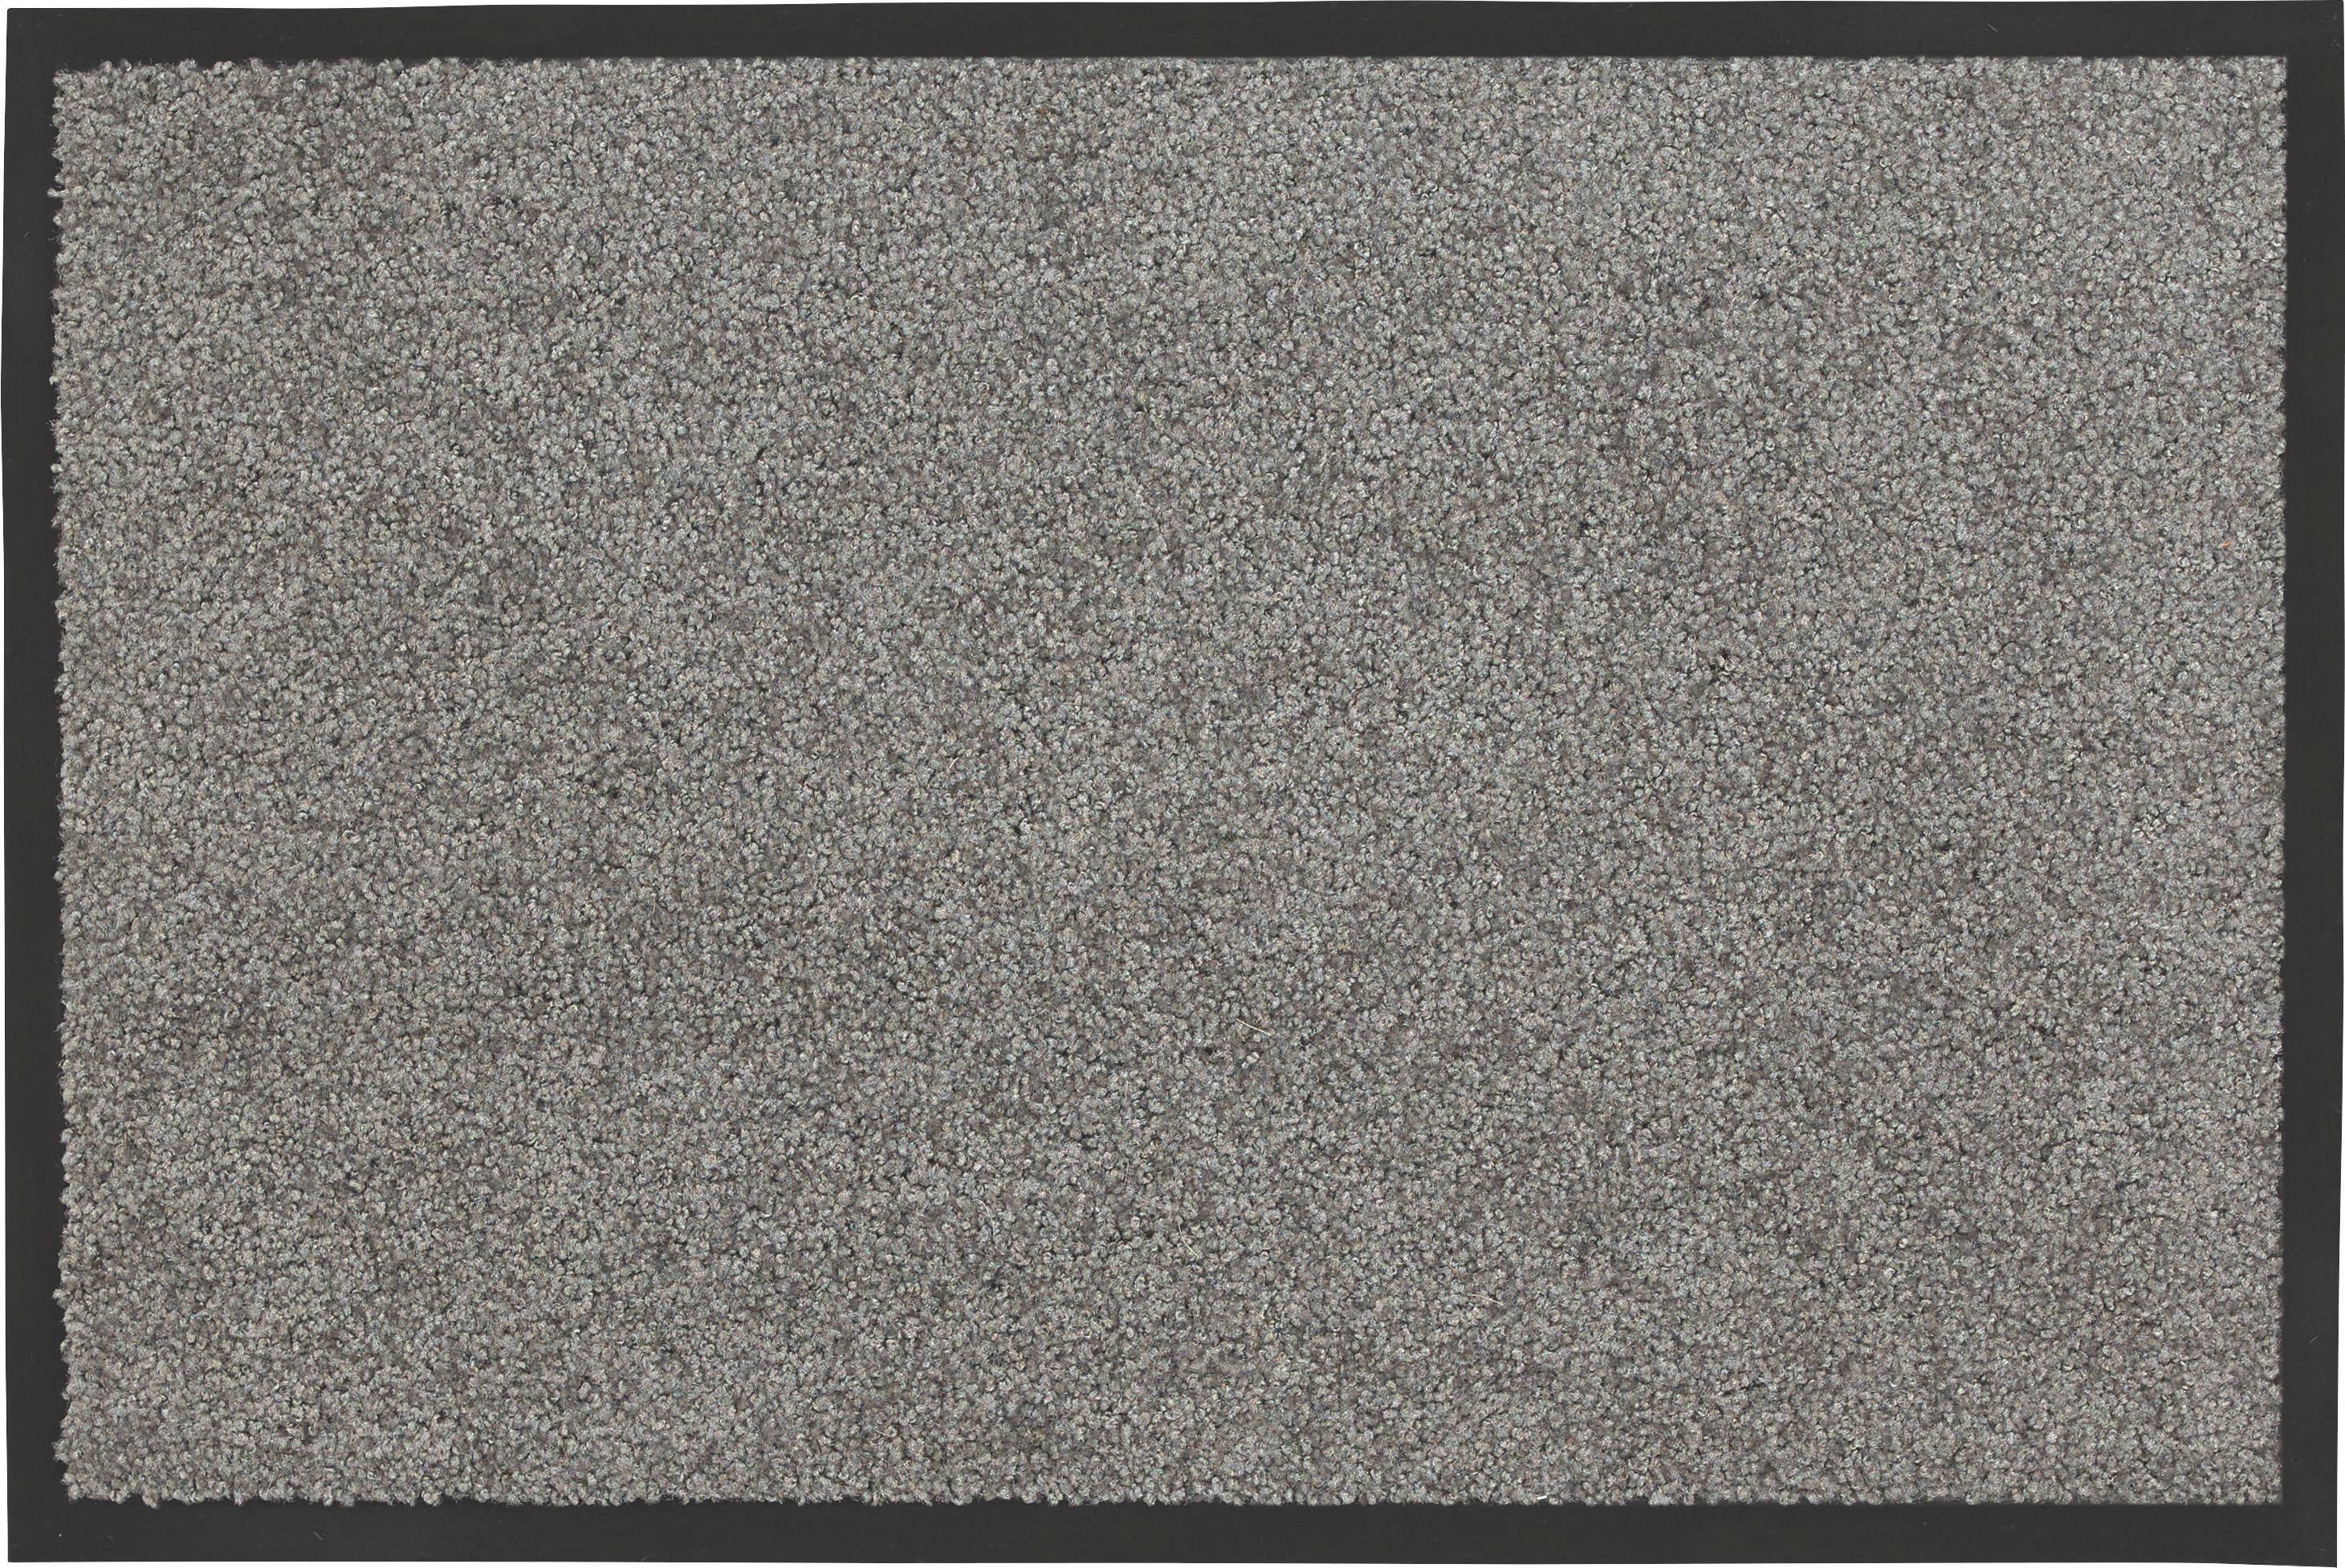 FUßMATTE 40/60 cm - Grau, KONVENTIONELL, Textil (40/60cm) - ESPOSA